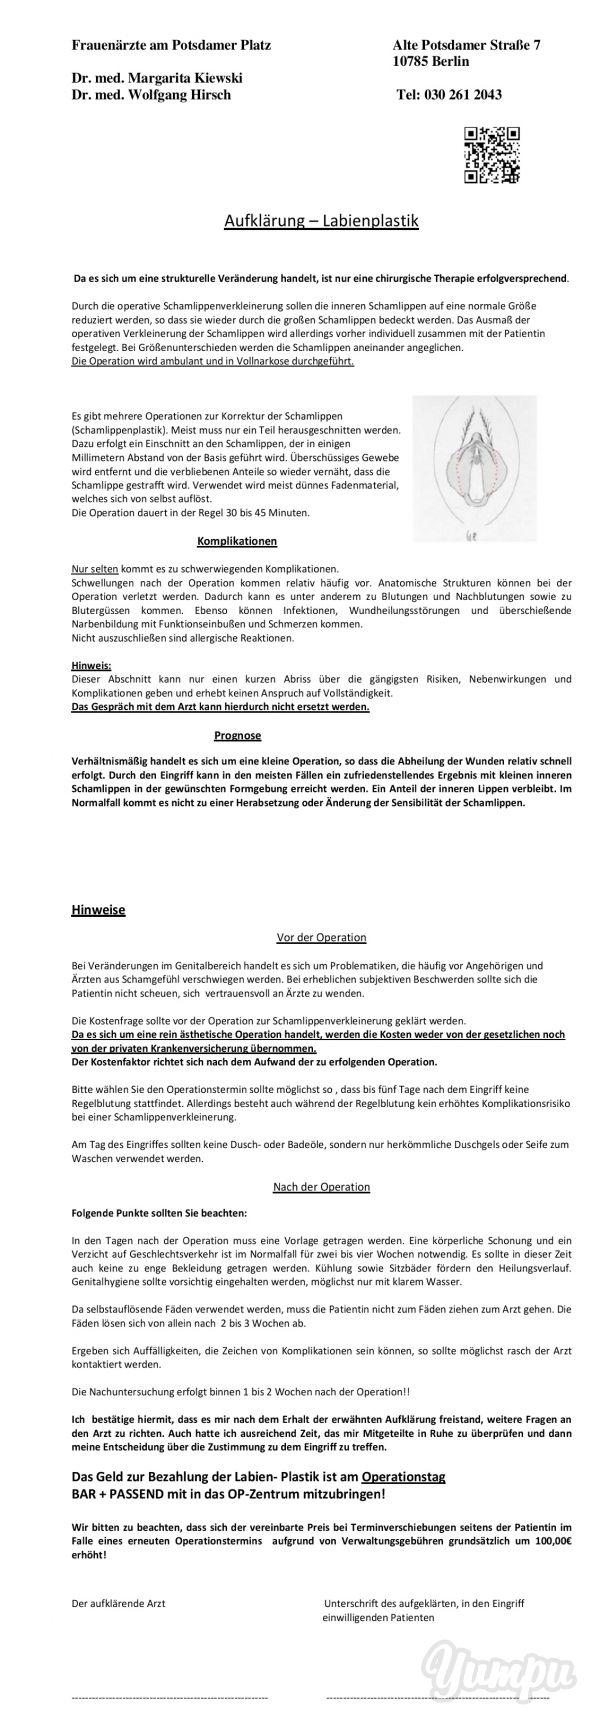 Aufklärung – Labienplastik - Schamlippenverkleinerung in Berlin - Magazine with 3 pages: info@praxis-hirsch.de  An kosmetischen Operationen werden von Dr. Hirsch operative Korrekturen des Scheideneinganges oder der Schamlippen (Schamlippenplastik) durchgeführt. Die Intimchirurgie zählt zu den Schwerpunkten unserer Praxis, in letzter Zeit werden ca. 200 Patienten pro Jahr operiert.  Aus langjährige Erfahrung in der Intimchirugie und dem Einsatz einer sehr modernen Hochfrequenz-Schneidetec...